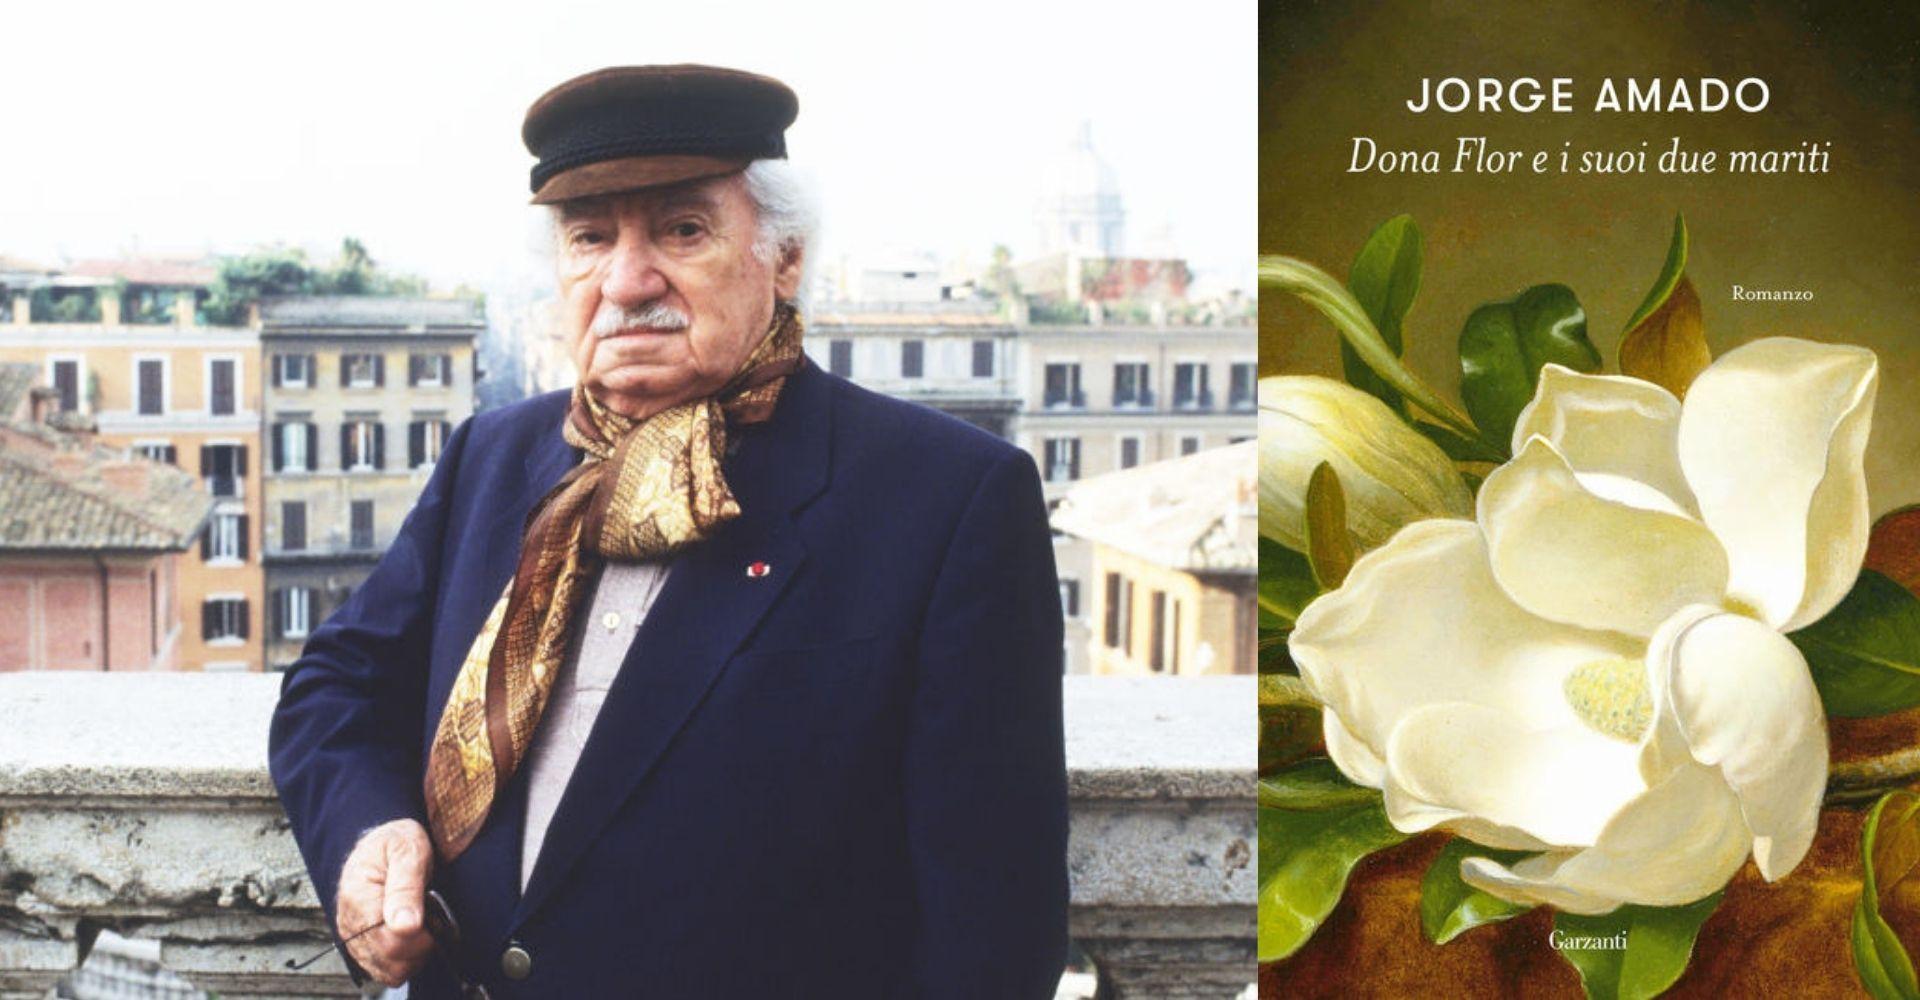 """""""Dona Flor e i suoi due mariti"""": storia di un ex un po' troppo ingombrante"""